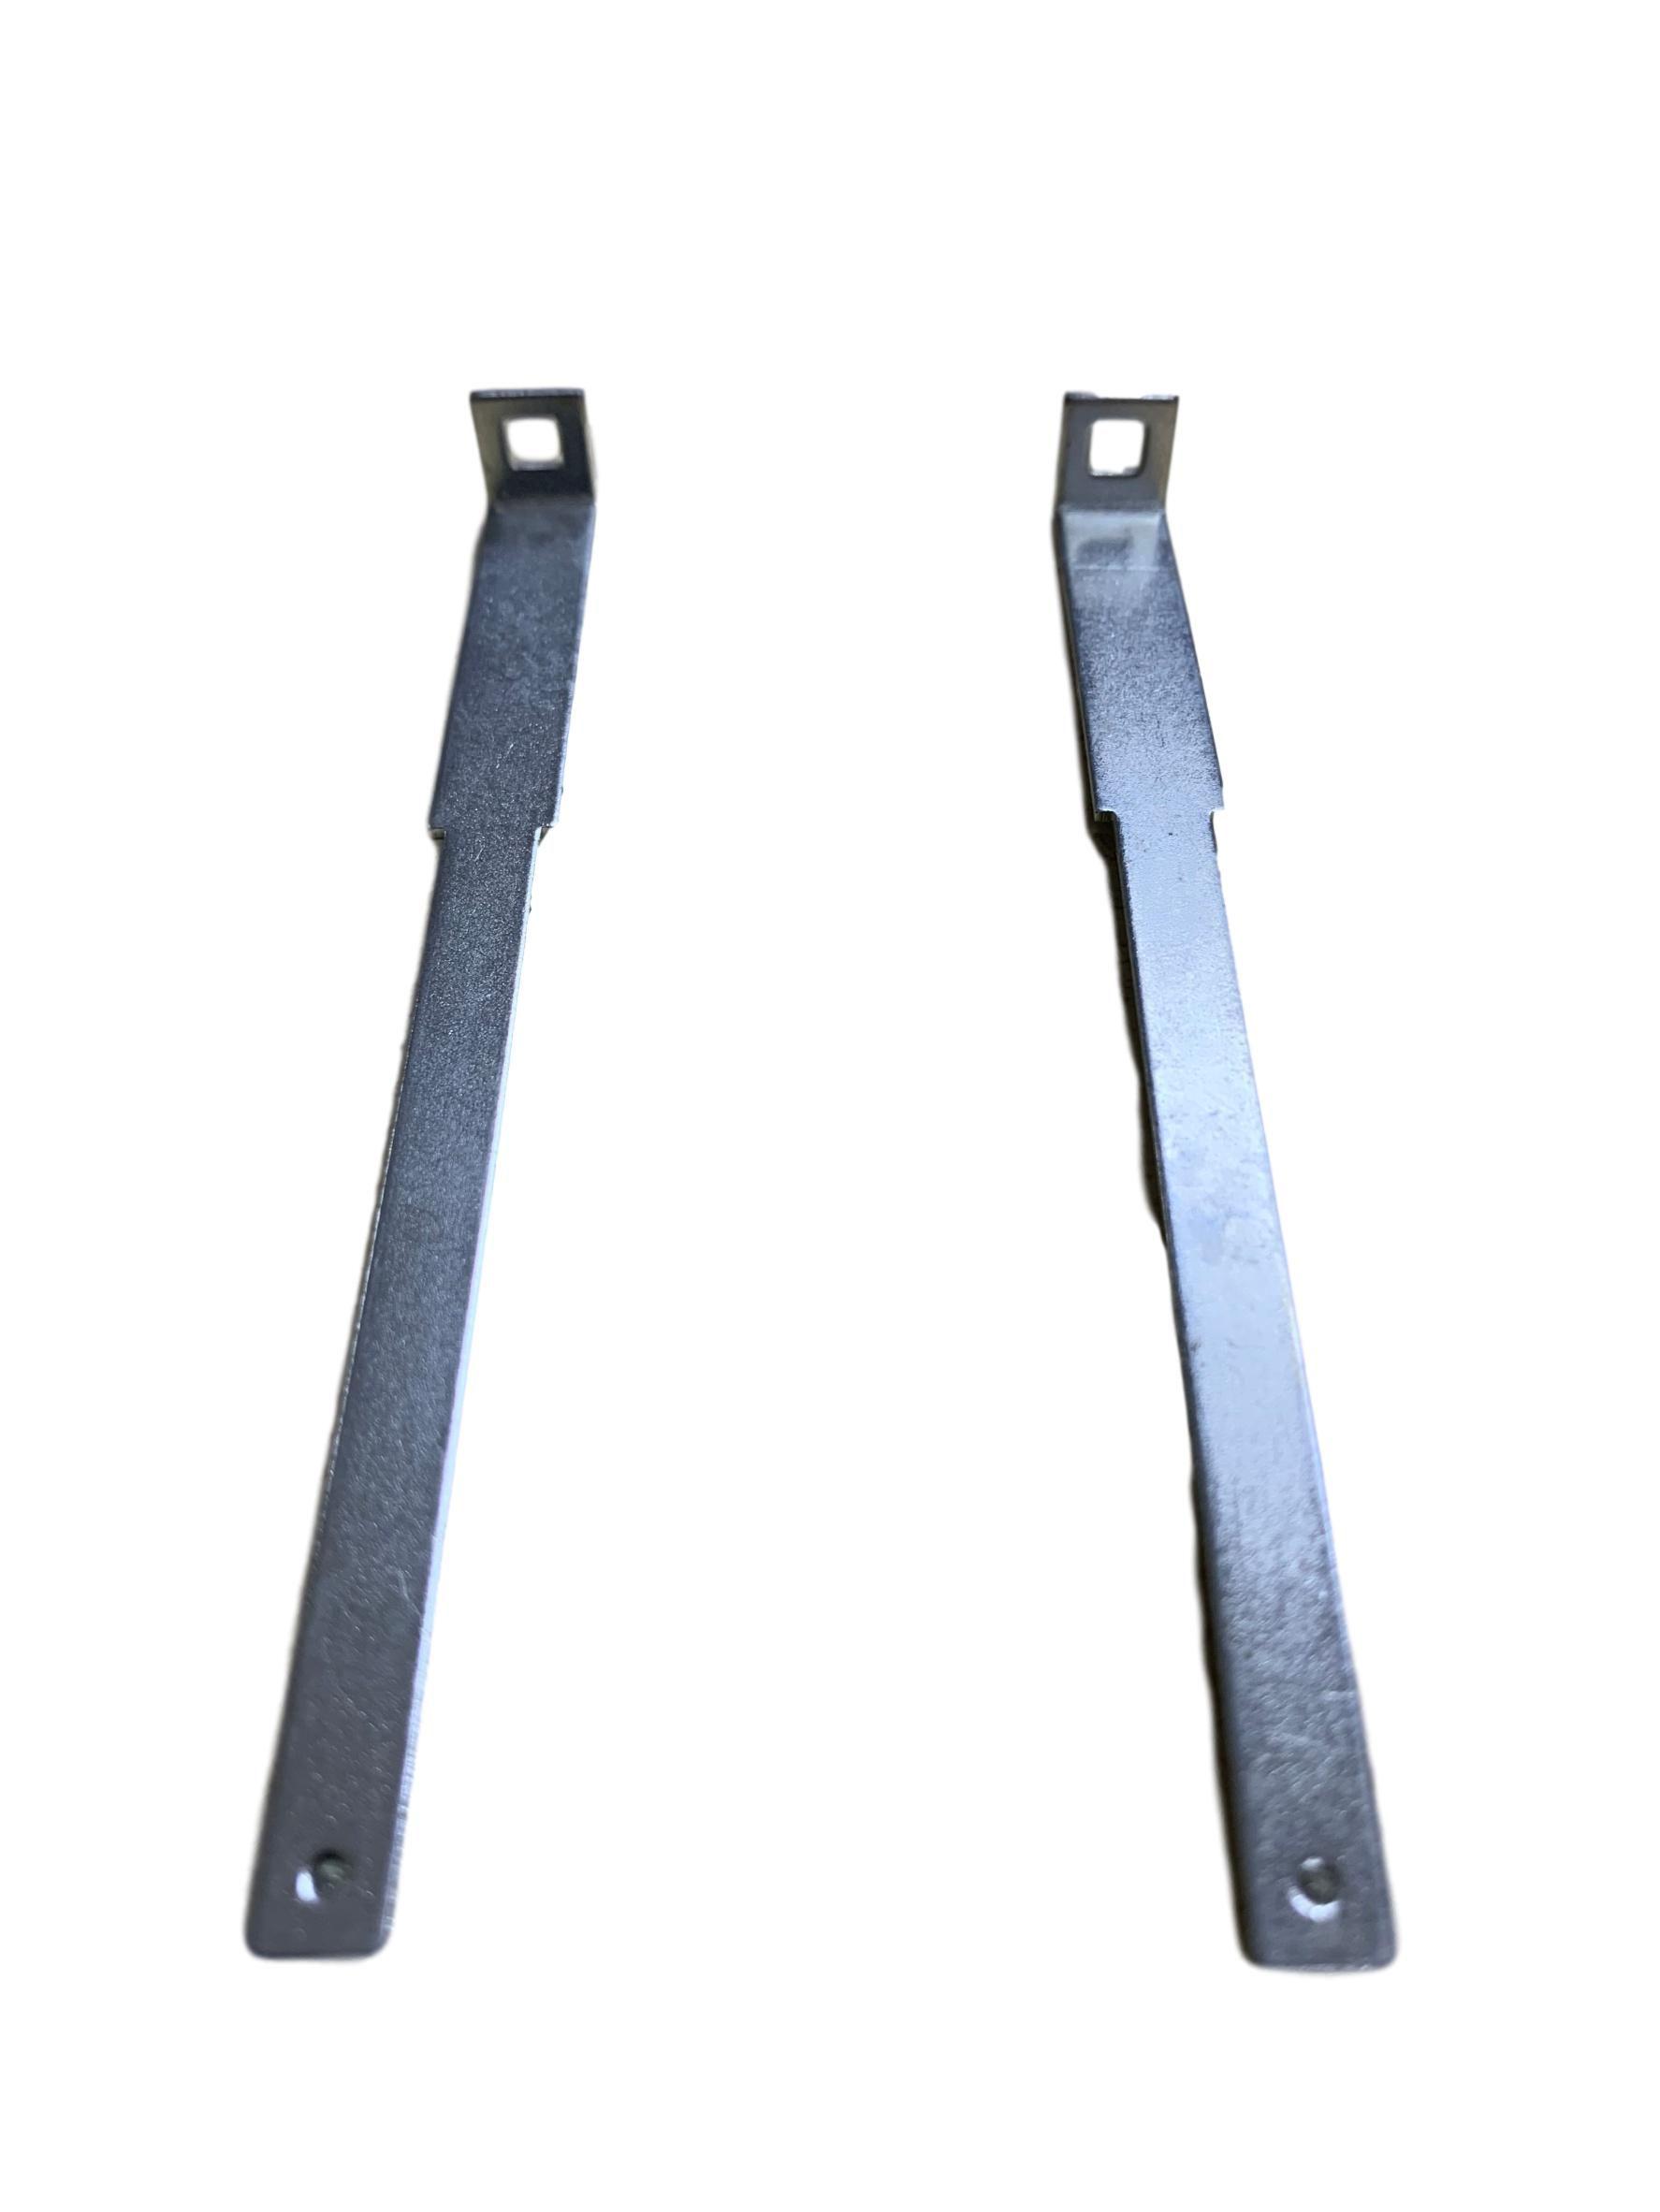 Mounting Sleeve for Pioneer AVH280BT AVH290BT AVH291BT AVH4000NEX AVH4100NEX